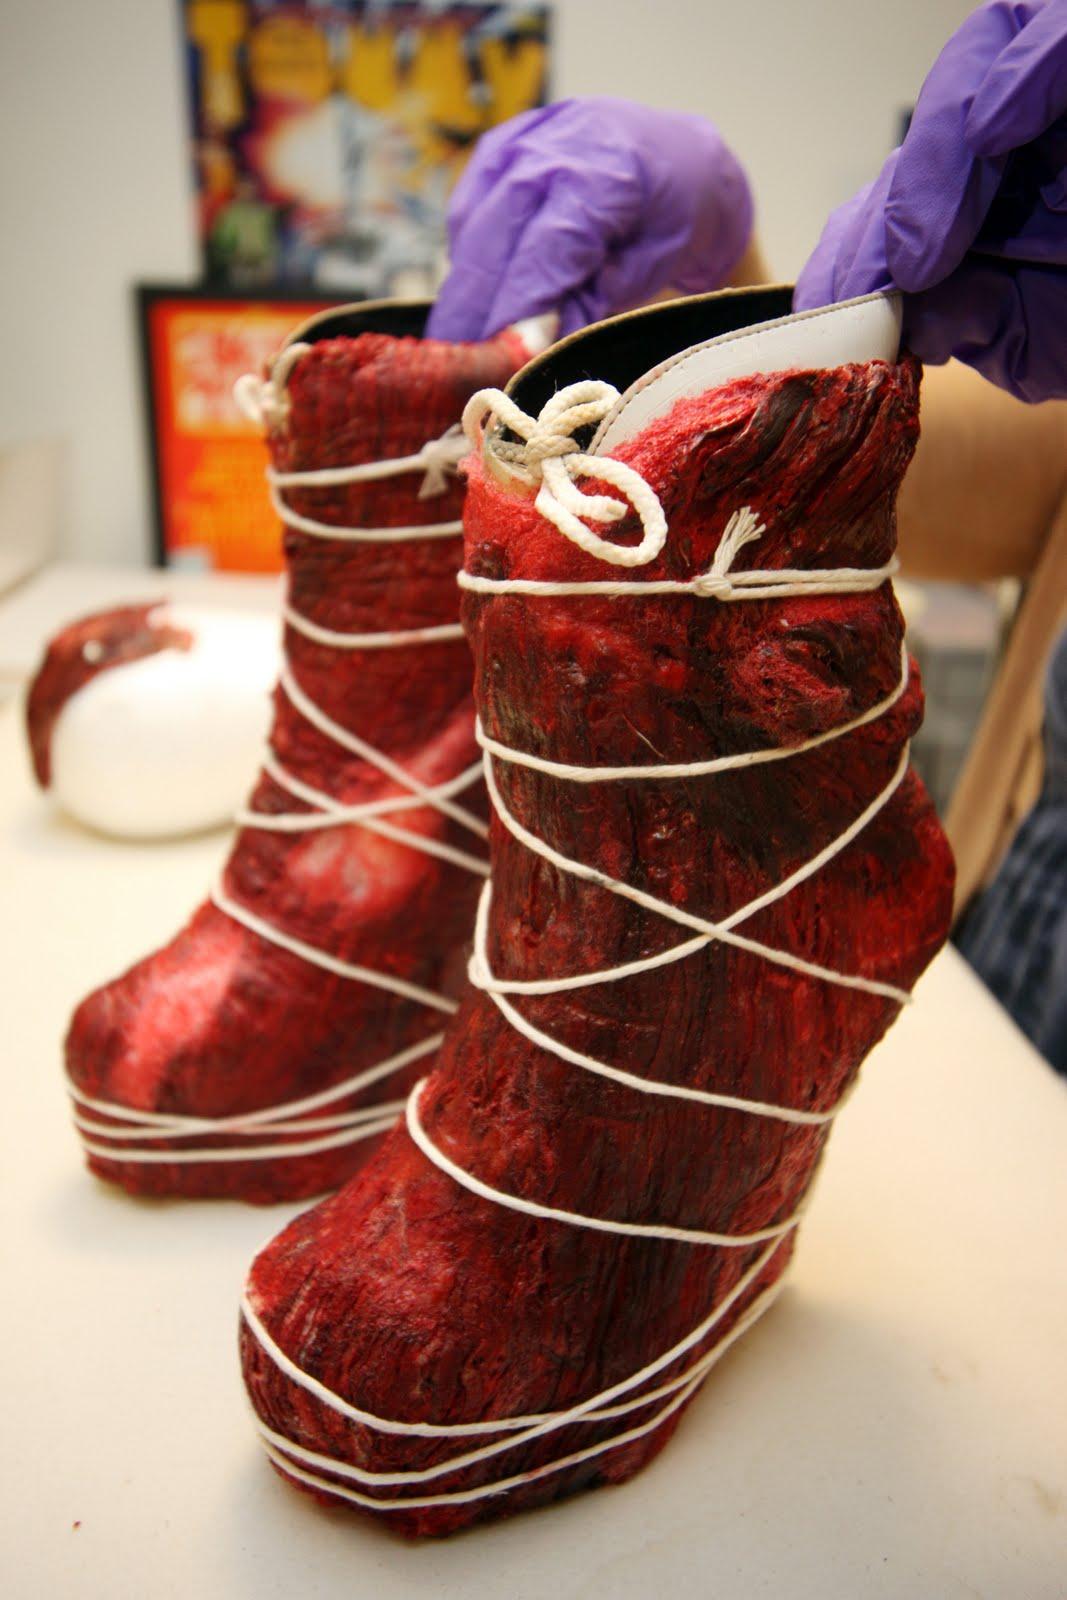 http://1.bp.blogspot.com/-T-Am-1rUweI/Tftduxn2HZI/AAAAAAAAAj8/nGyTJPp7U5Q/s1600/Meat+shoes.jpg